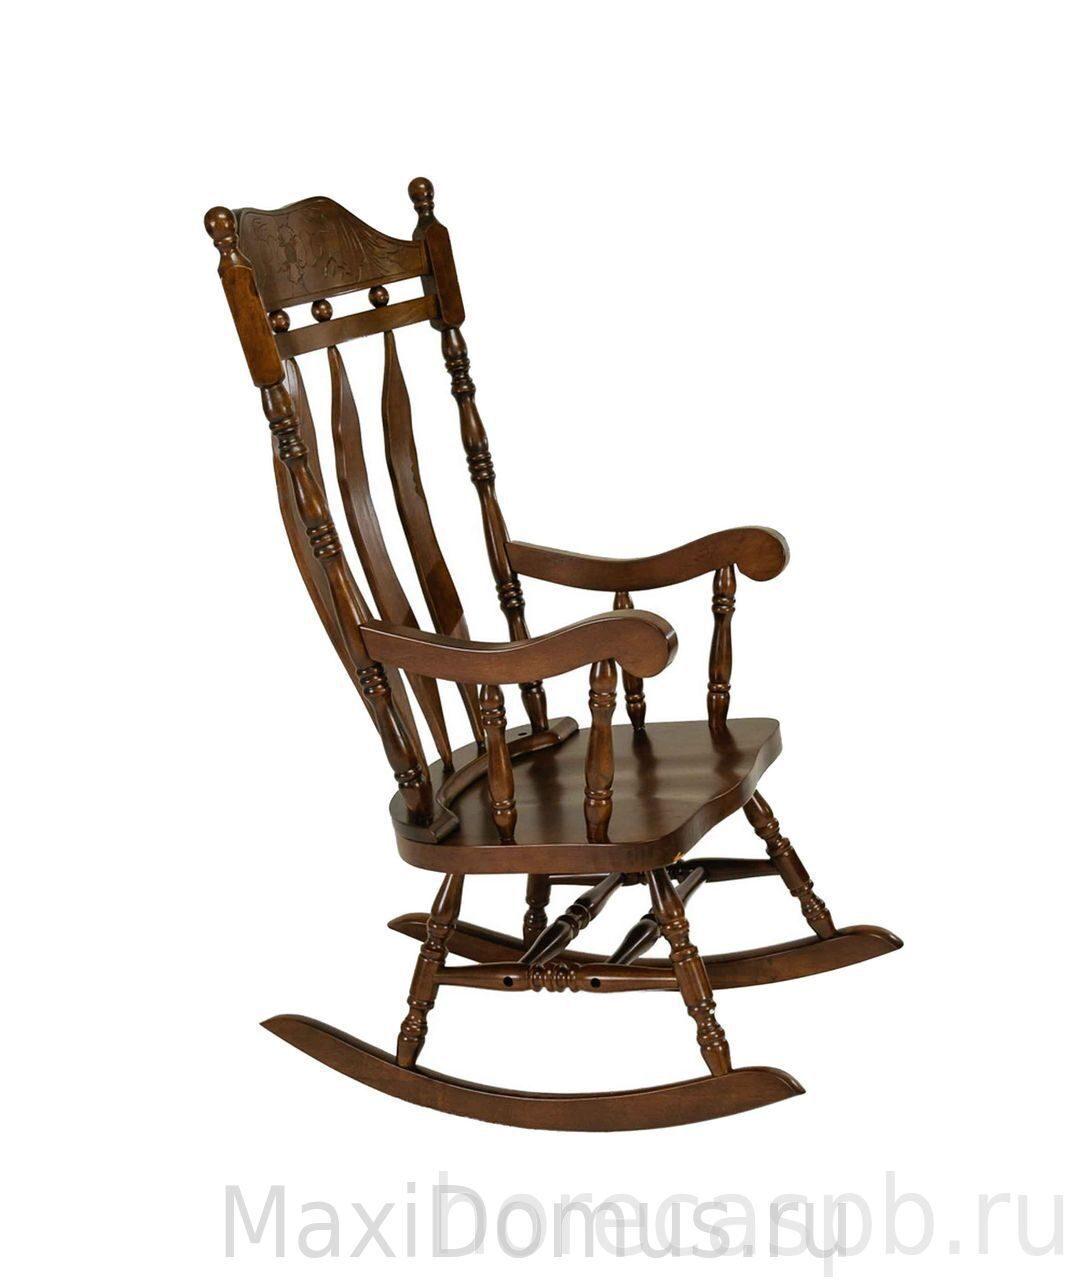 кресло качалка деревянная кантри артикул 4768т купить с